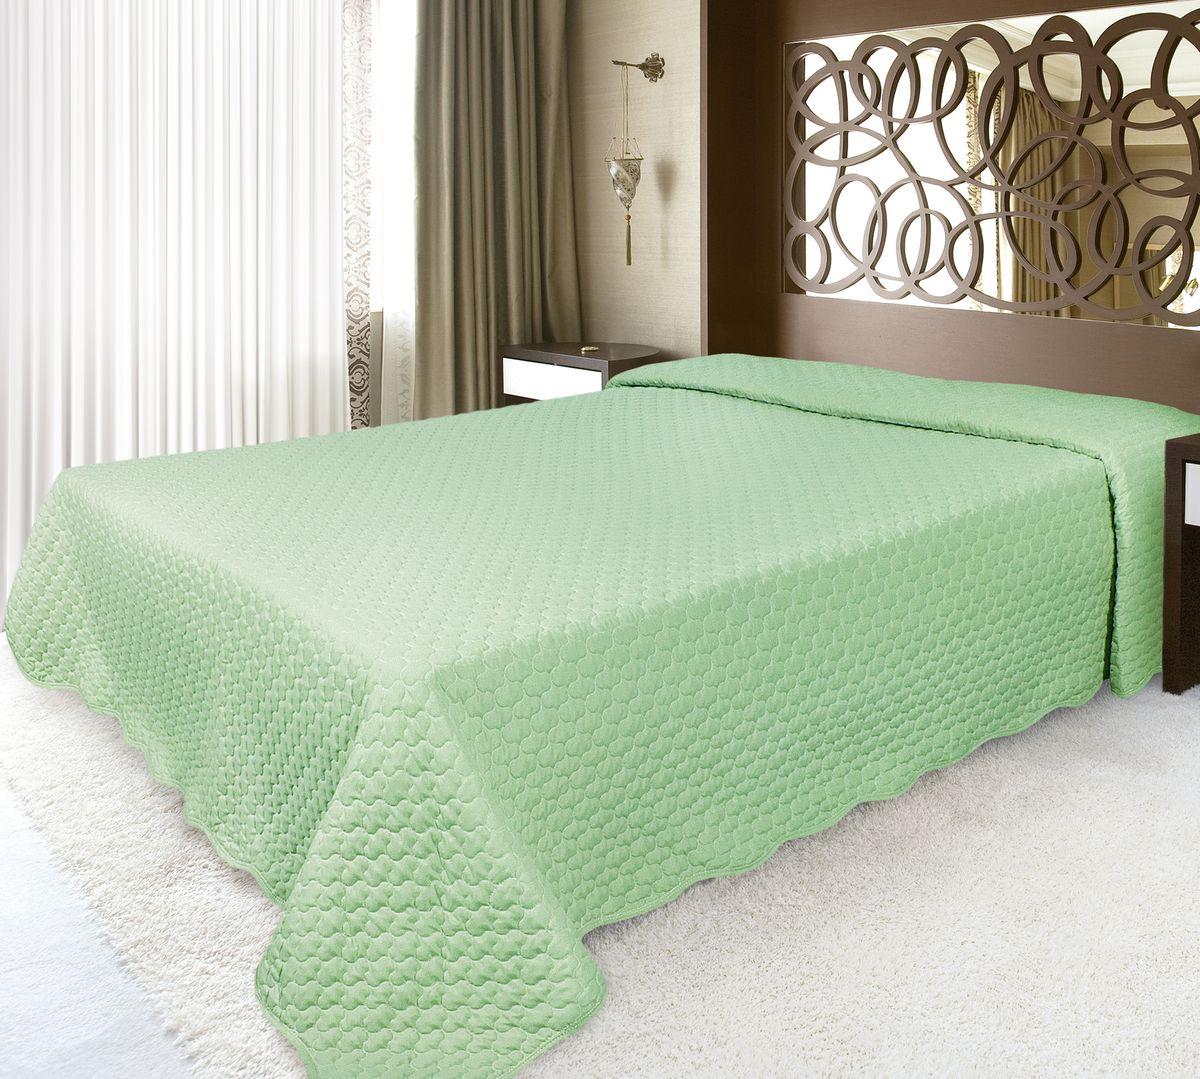 Покрывало Волшебная ночь 220 х 240 см, зеленыйES-412Волшебная ночь ПОКРЫВАЛО 220/240,ткань верха - МИКРОФИБРА, полиэстер 100%, наполнитель - полиэстер 100%, ЗеленыйПокрывала Волшебная ночь из микрофибры - подходят для любого интерьера, выполнены в приятных пастельных тонах, не мнутся, отлично драпируются и держат форму, не электризуются, обладают мягкой и бархатистой фактурой